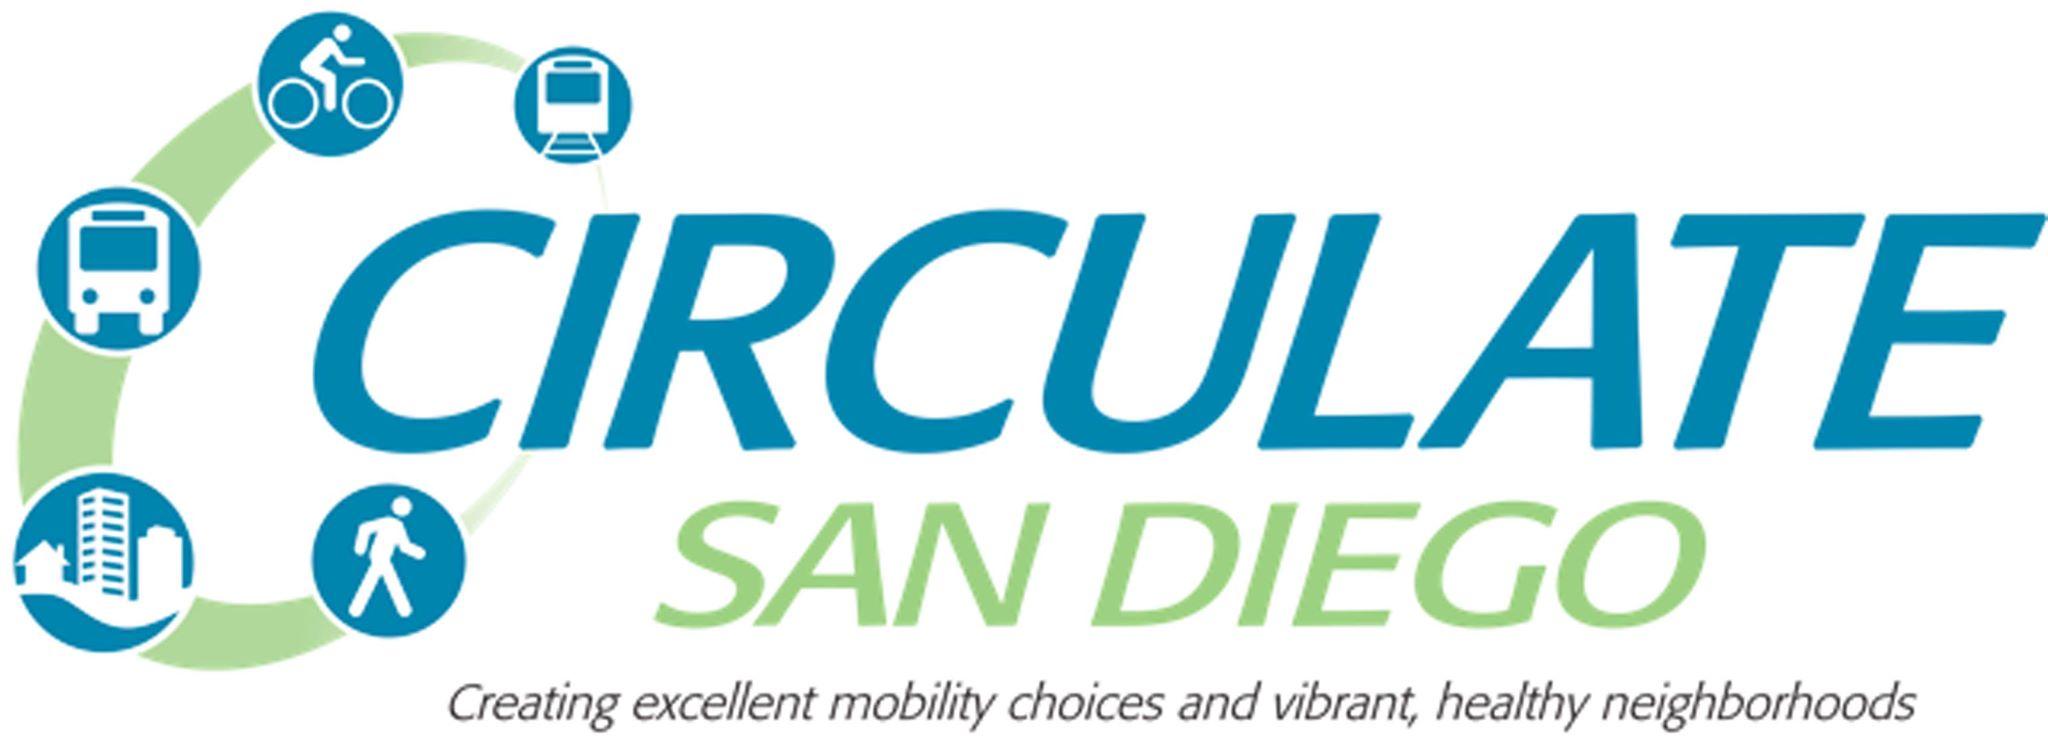 Circulate_Logo.jpg